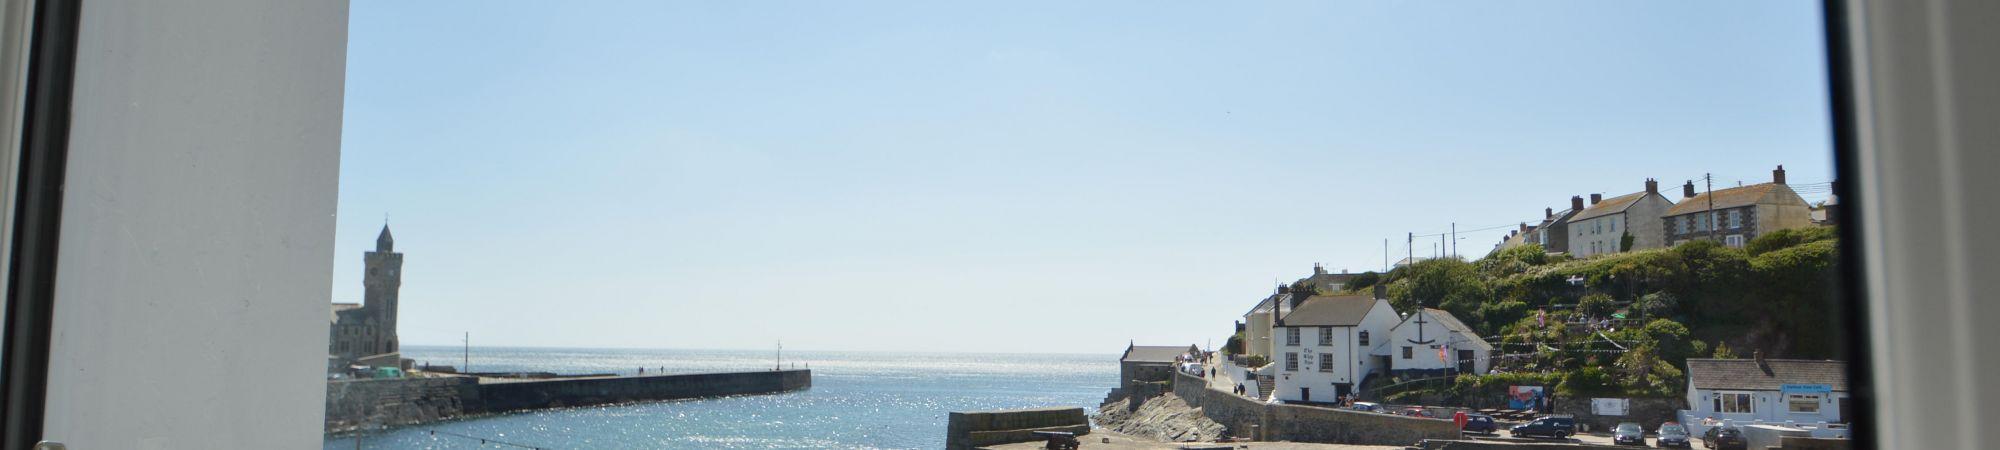 Wavecrest View